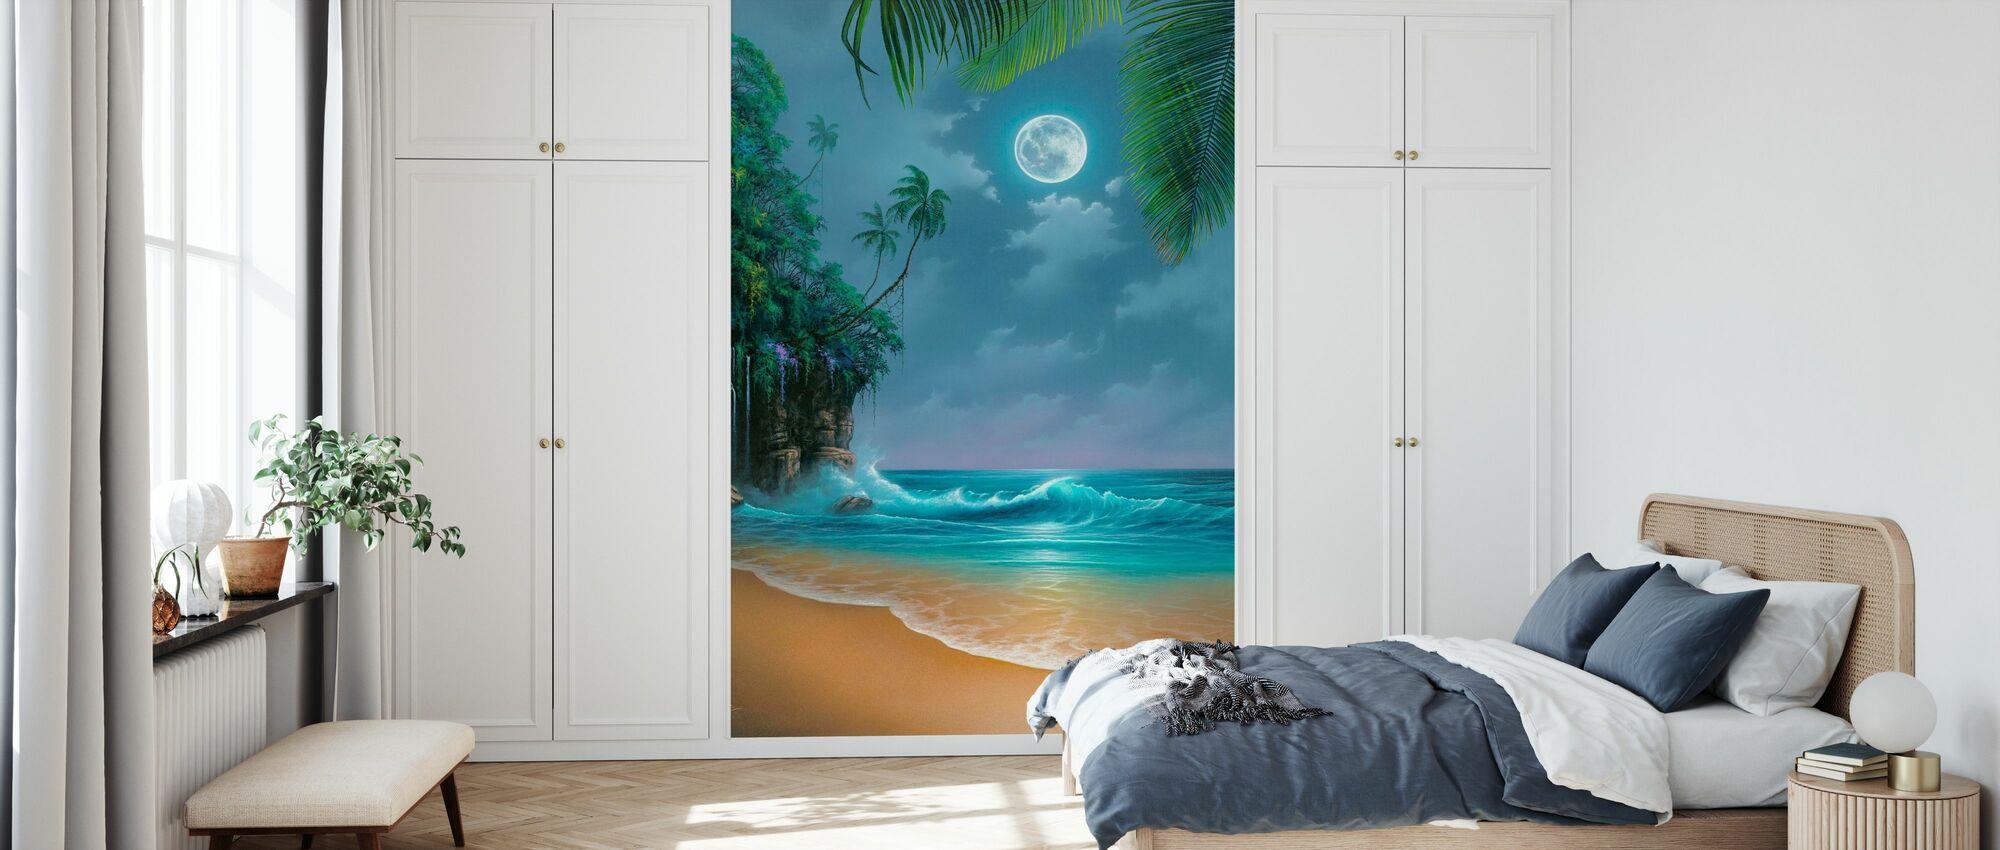 August Moon - Wallpaper - Bedroom